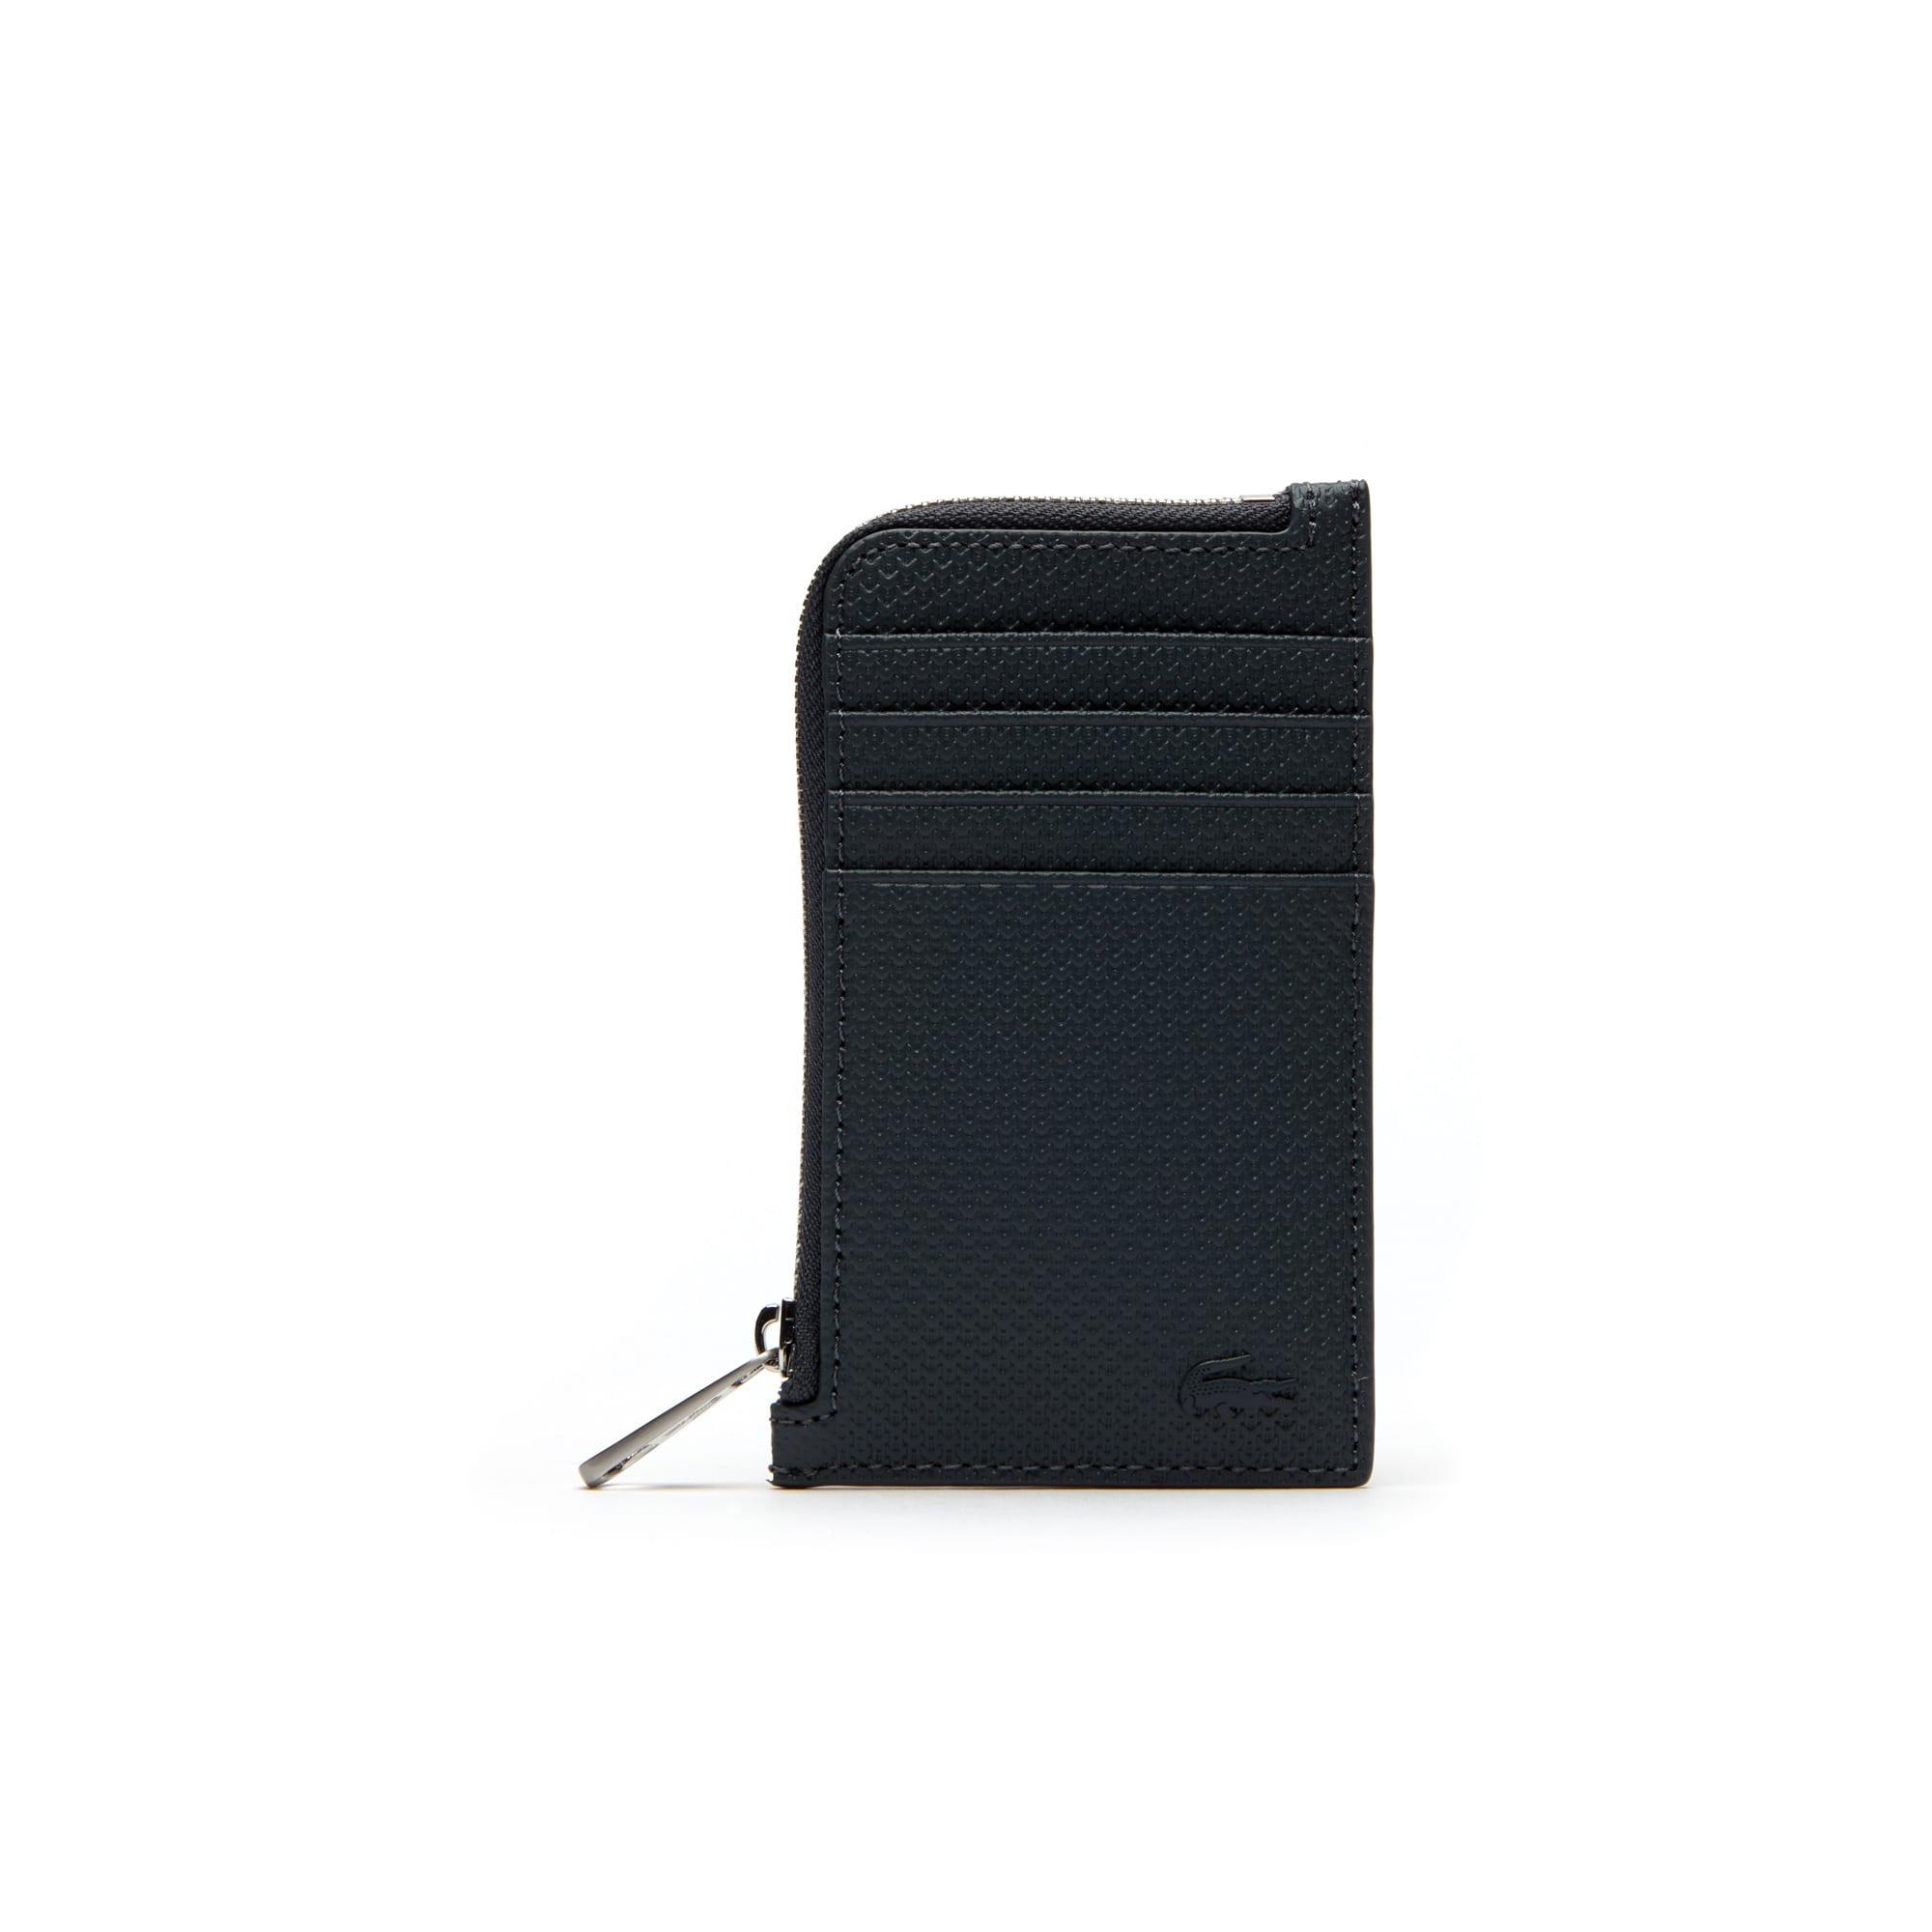 Herren-Kartenetui CHANTACO aus Piqué-Leder mit Reißverschluss